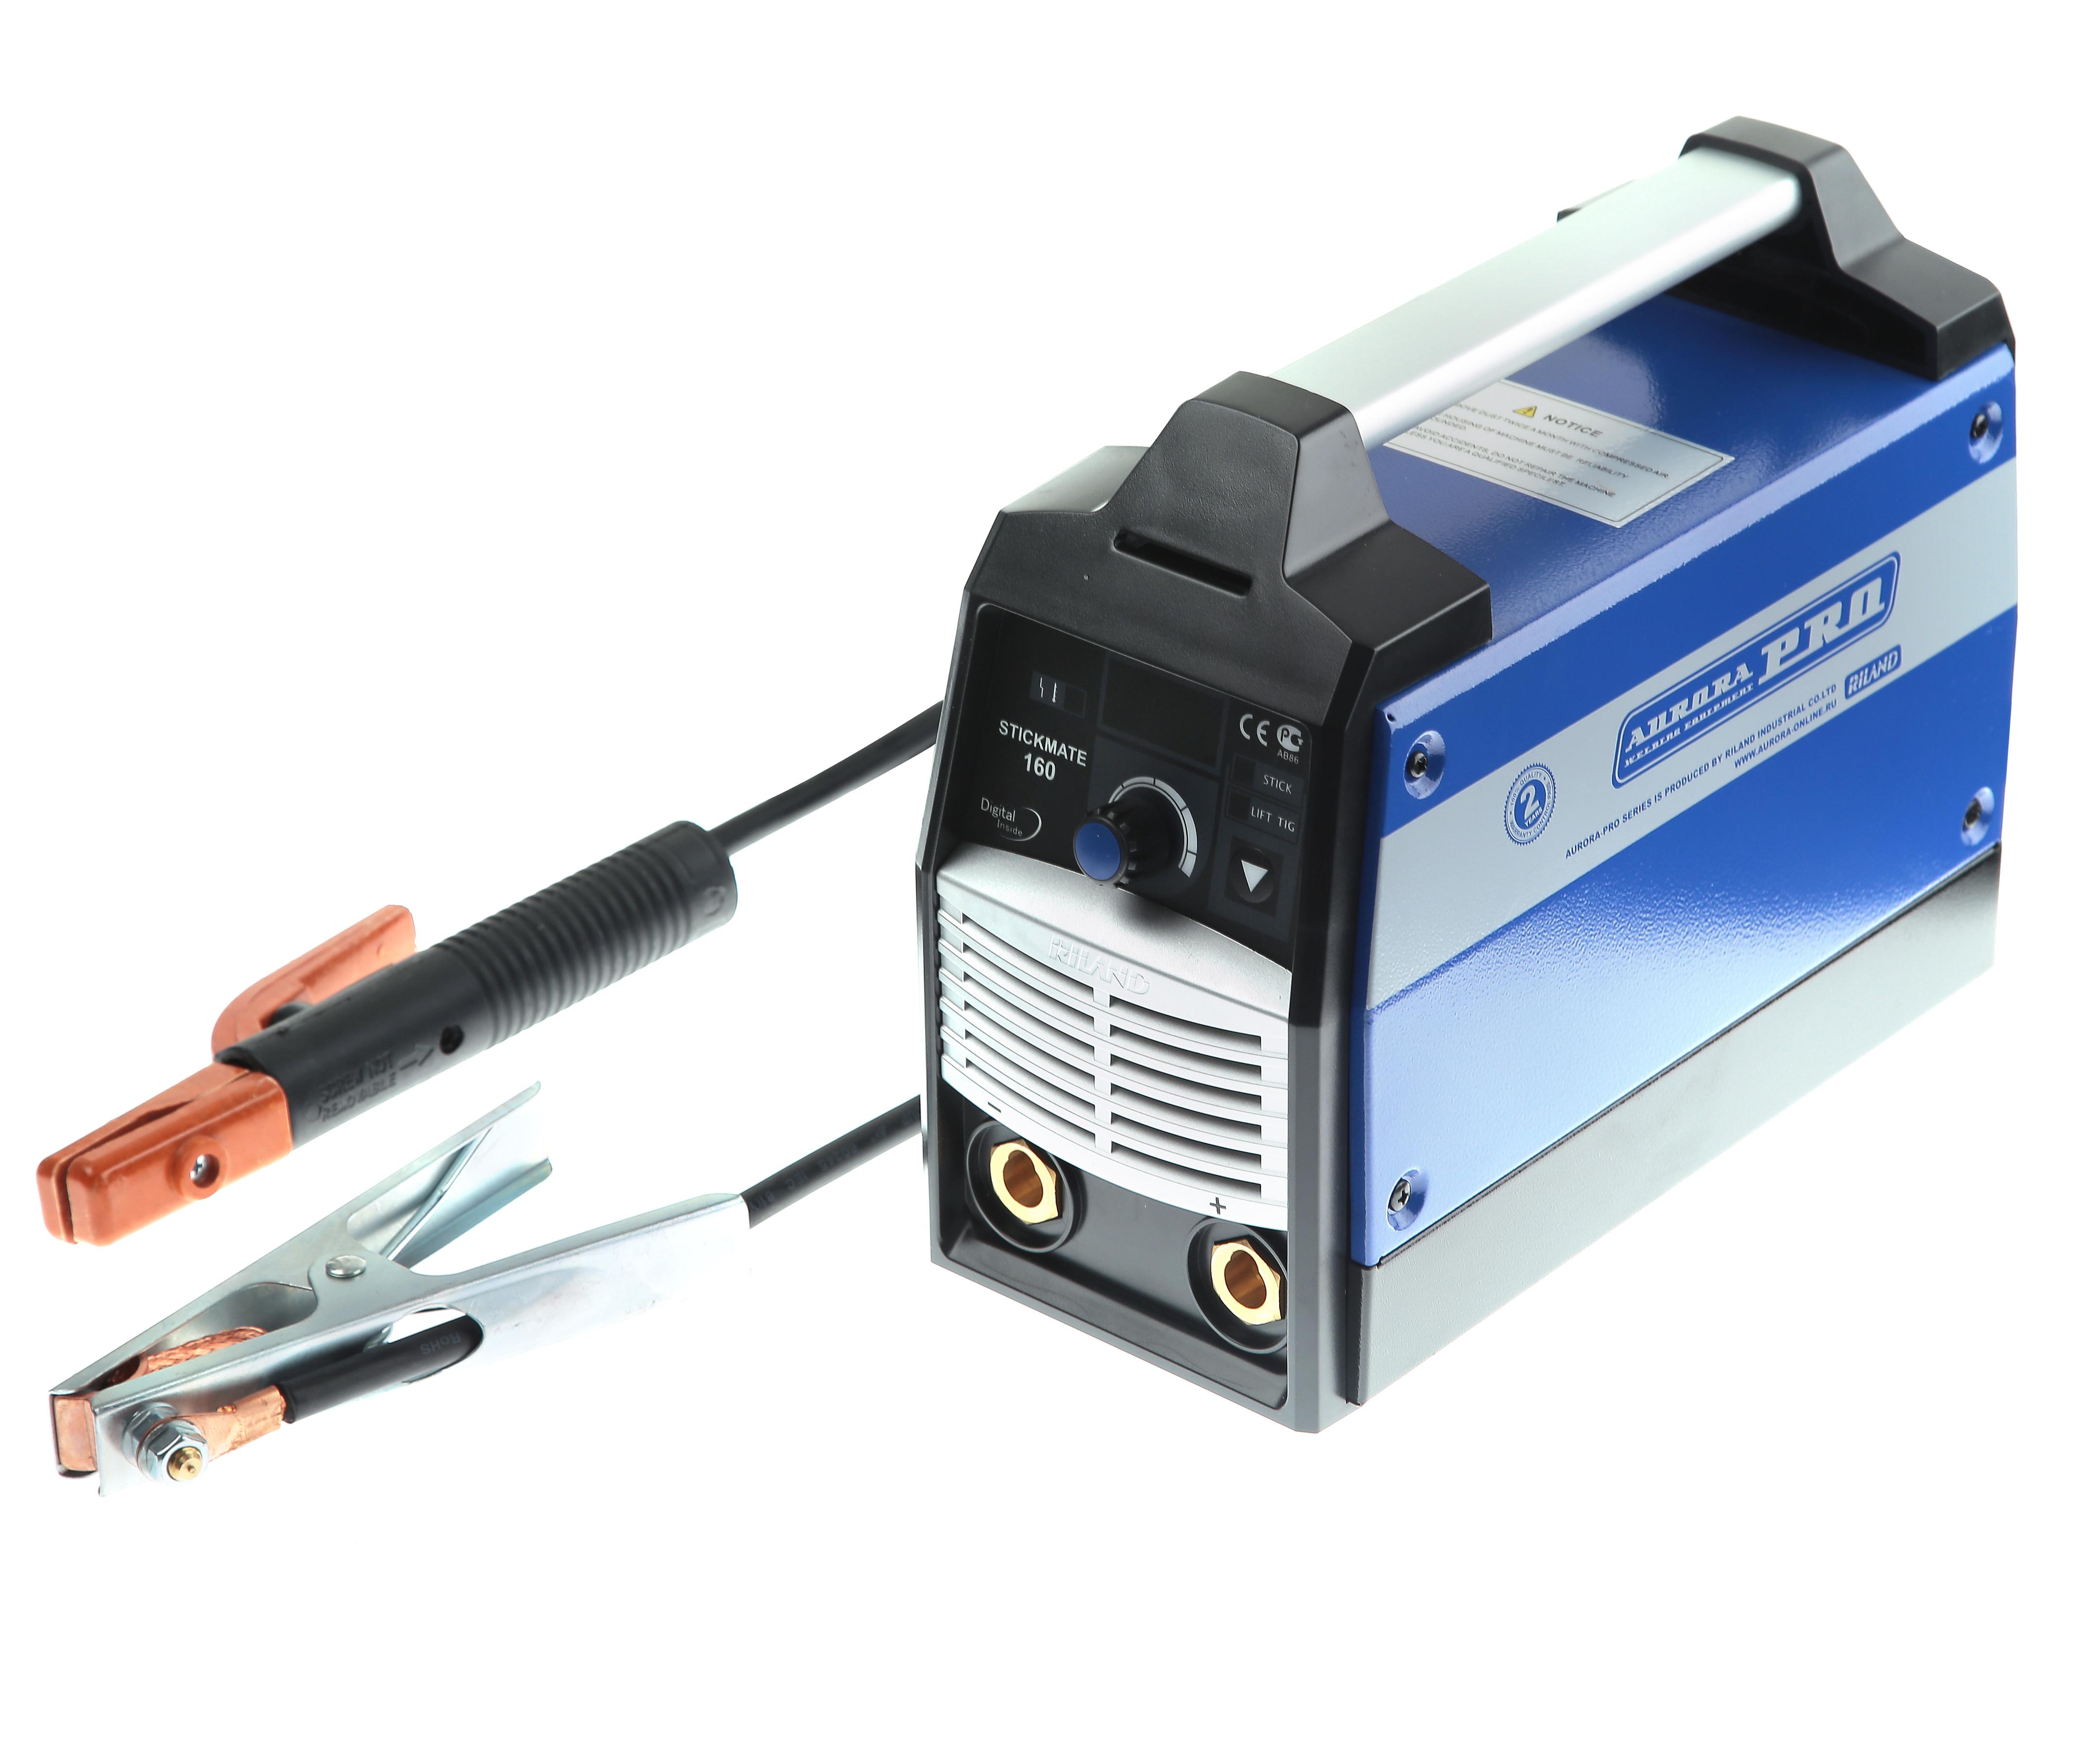 Сварочный инвертор Aurora pro Stickmate 160 igbt сварочный инвертор rucelf igbt 160